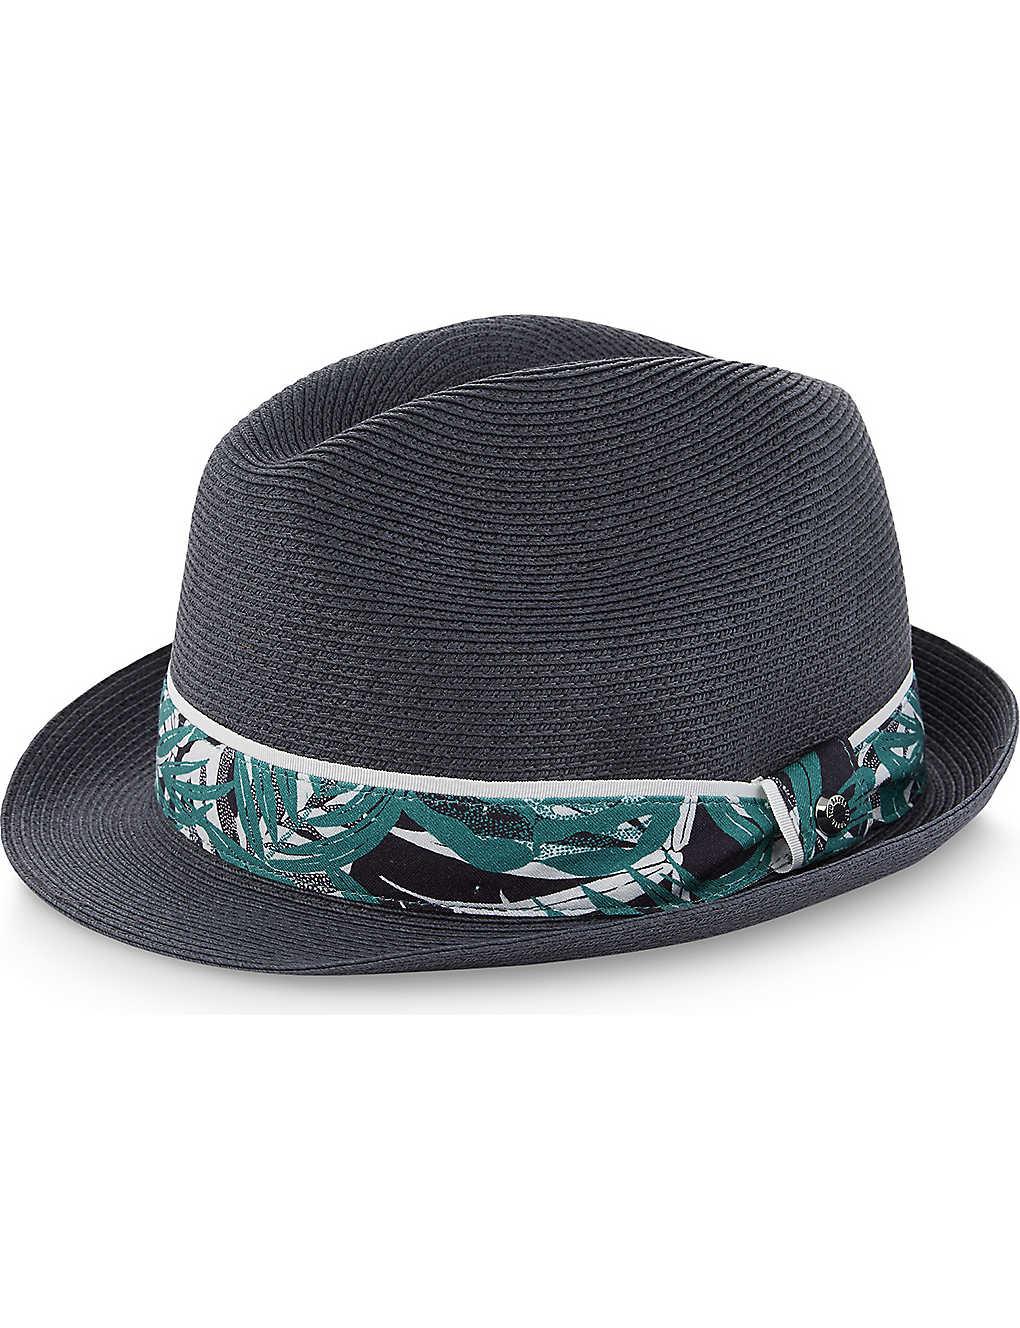 927ba3832 TED BAKER - Printed trilby hat | Selfridges.com